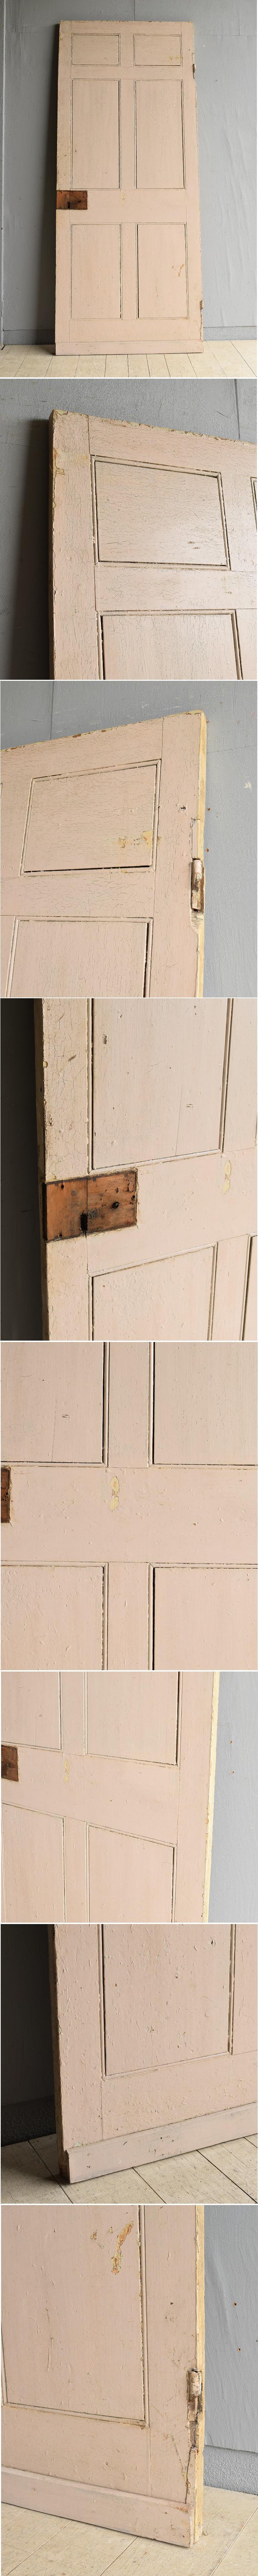 イギリス アンティーク ドア 扉 建具 7963